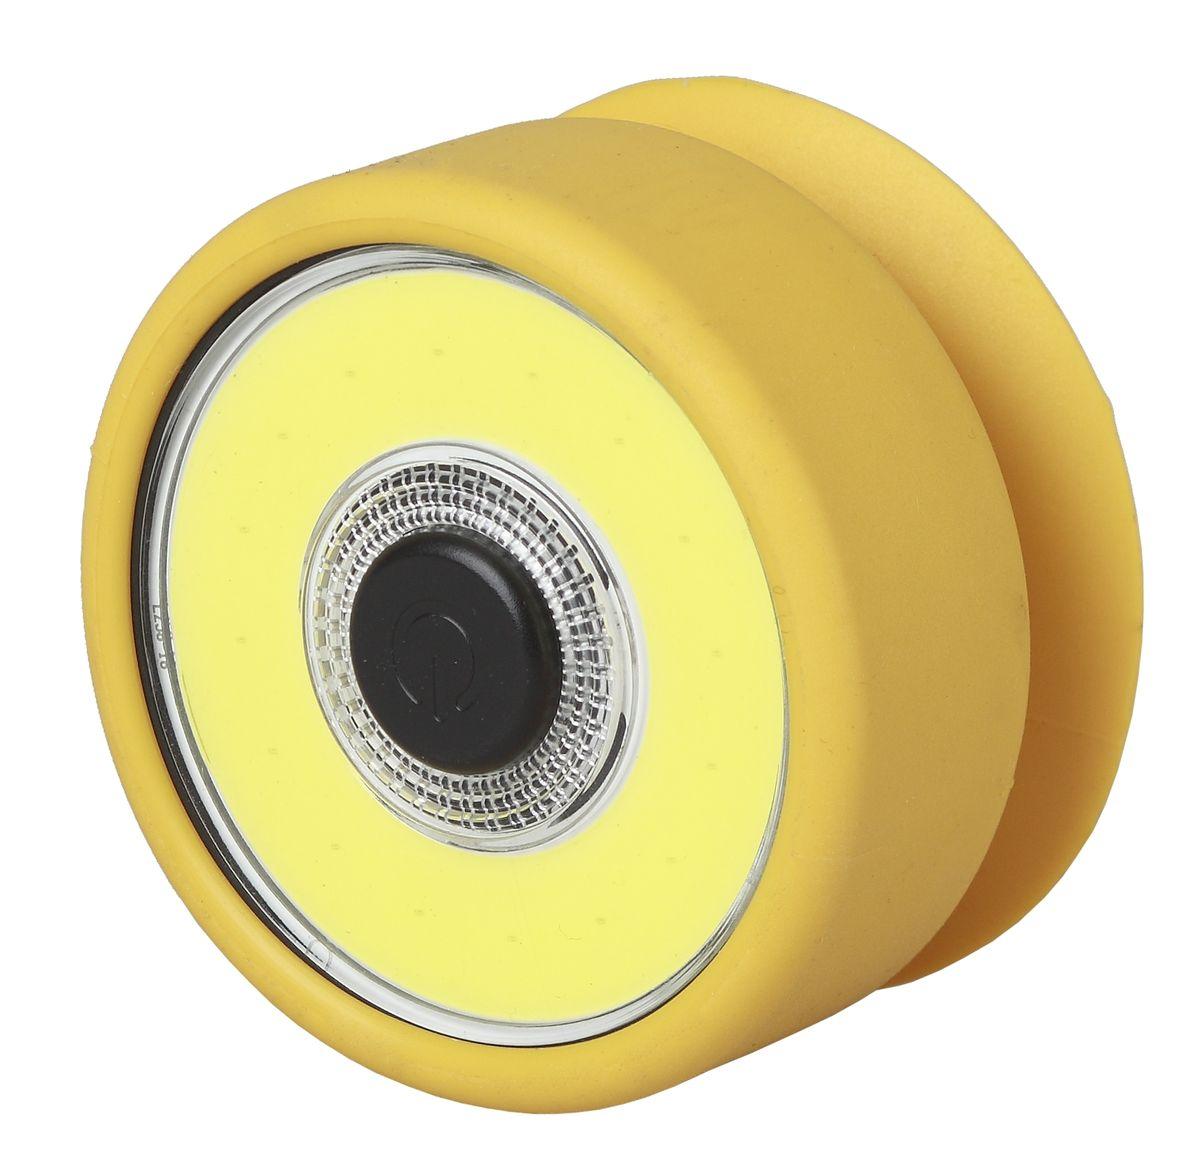 Фонарь ручной ЭРА Практик, 5Вт COB, с присоскойRB-703Рабочий батареечный фонарь: + 5Вт COB диод + резиновый корпус и ПРИСОСКА + 3хААА (в комплект не входят)